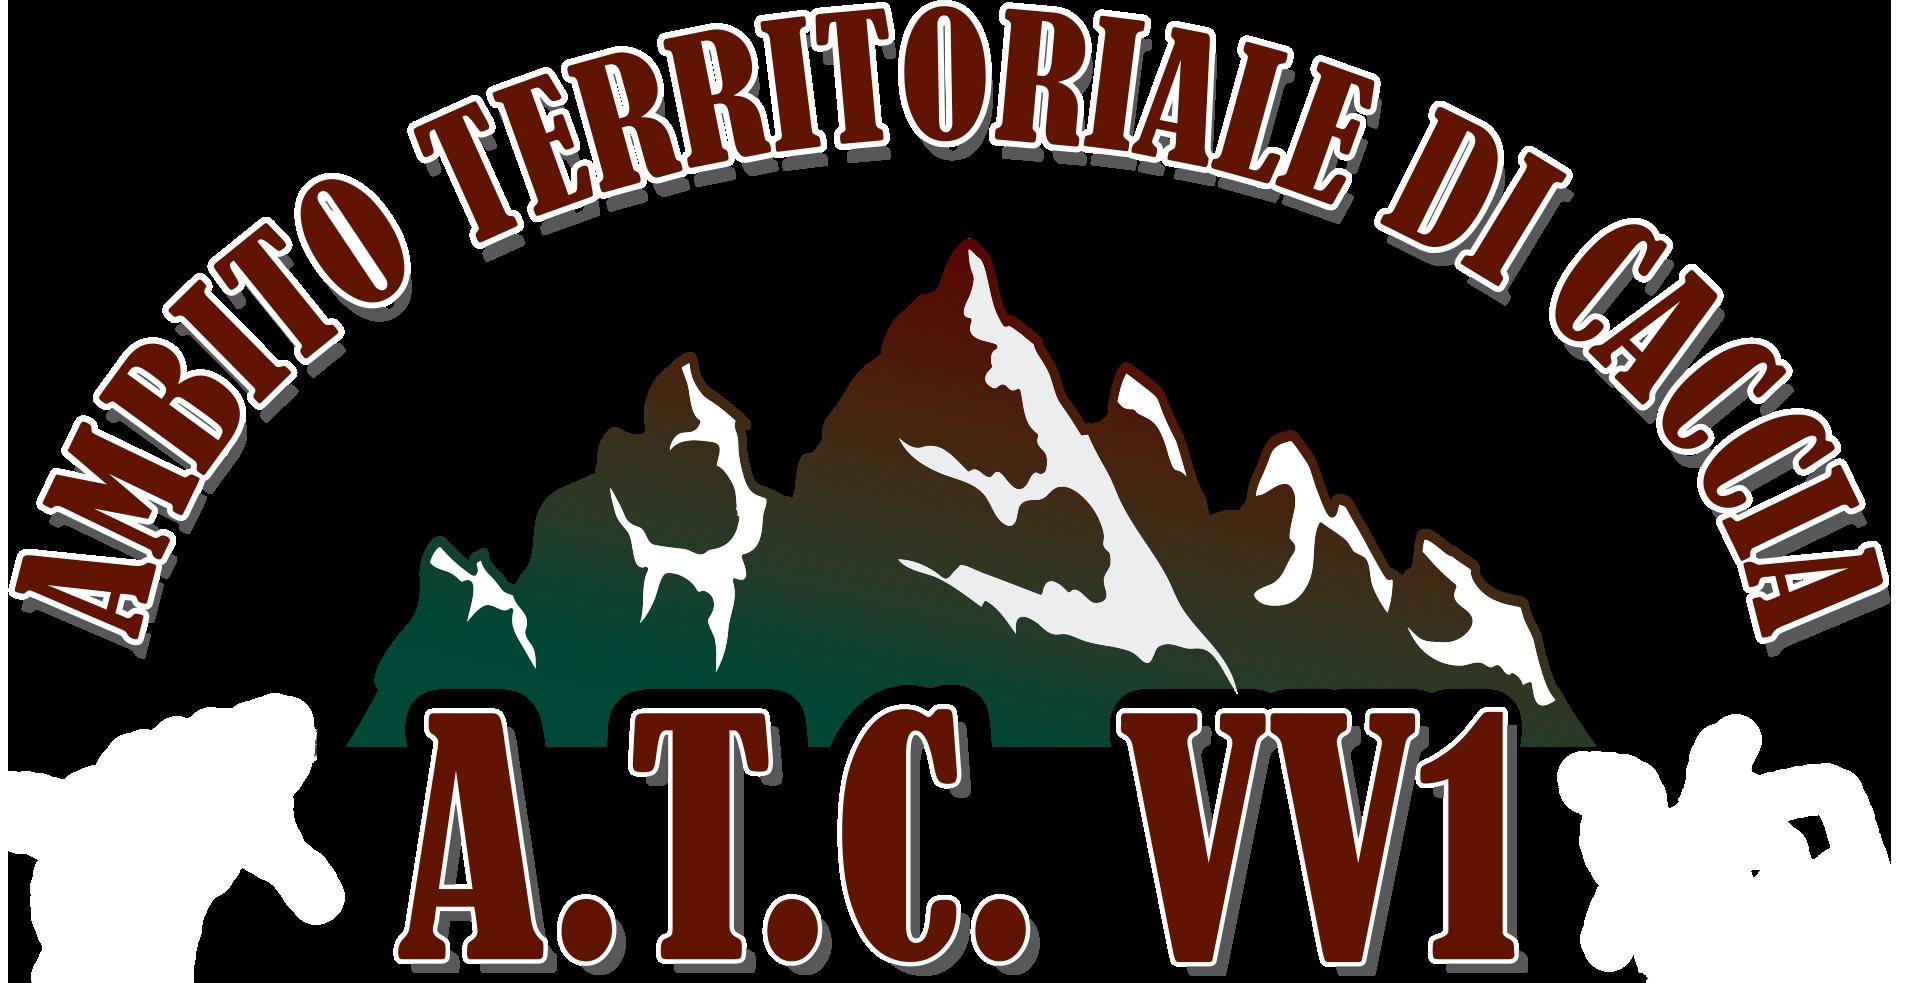 Ambito Territoriale di Caccia VV1